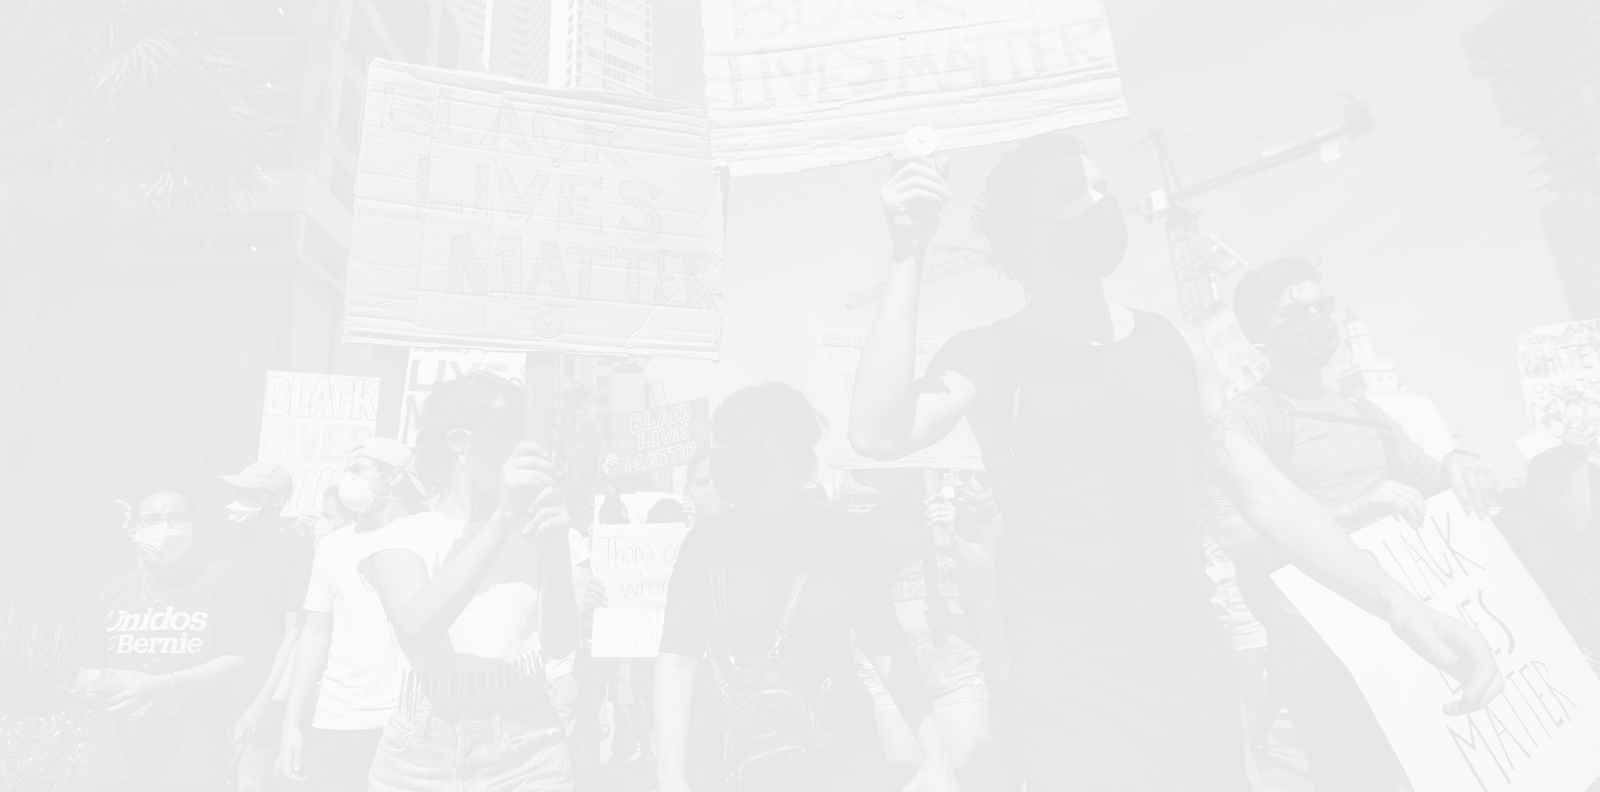 Джейми Фокс, Ариана Гранде, Бен Афлек: Звездите, които се включиха в протестите срещу расизма